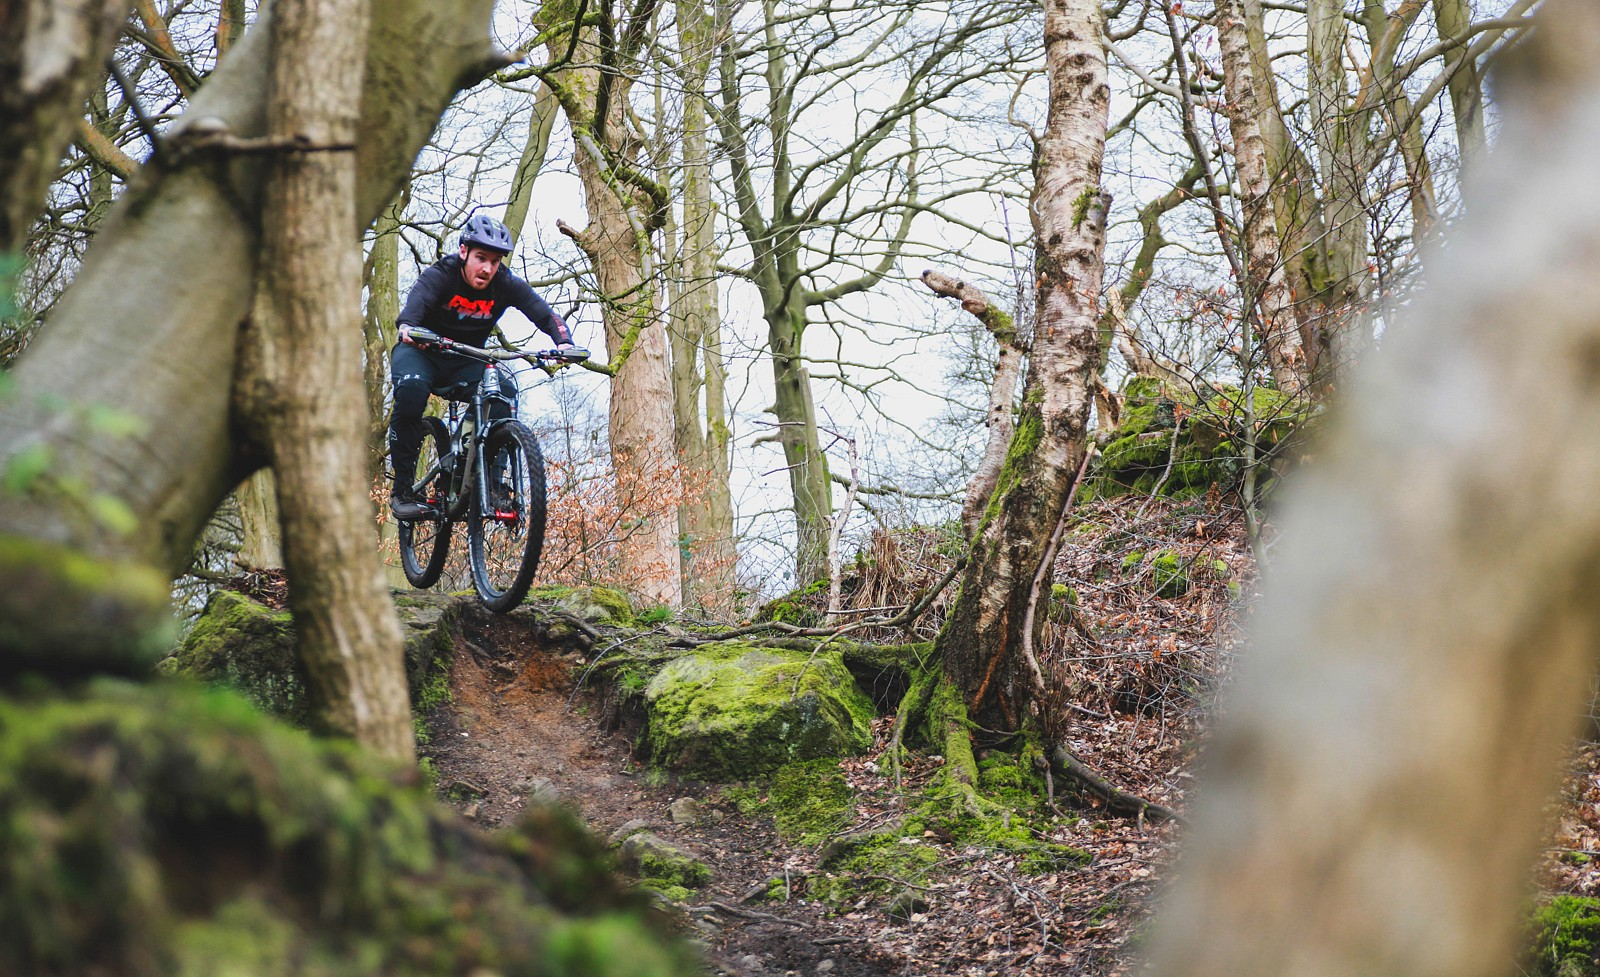 IMG 0606 - Mushrum - Mountain Biking Pictures - Vital MTB